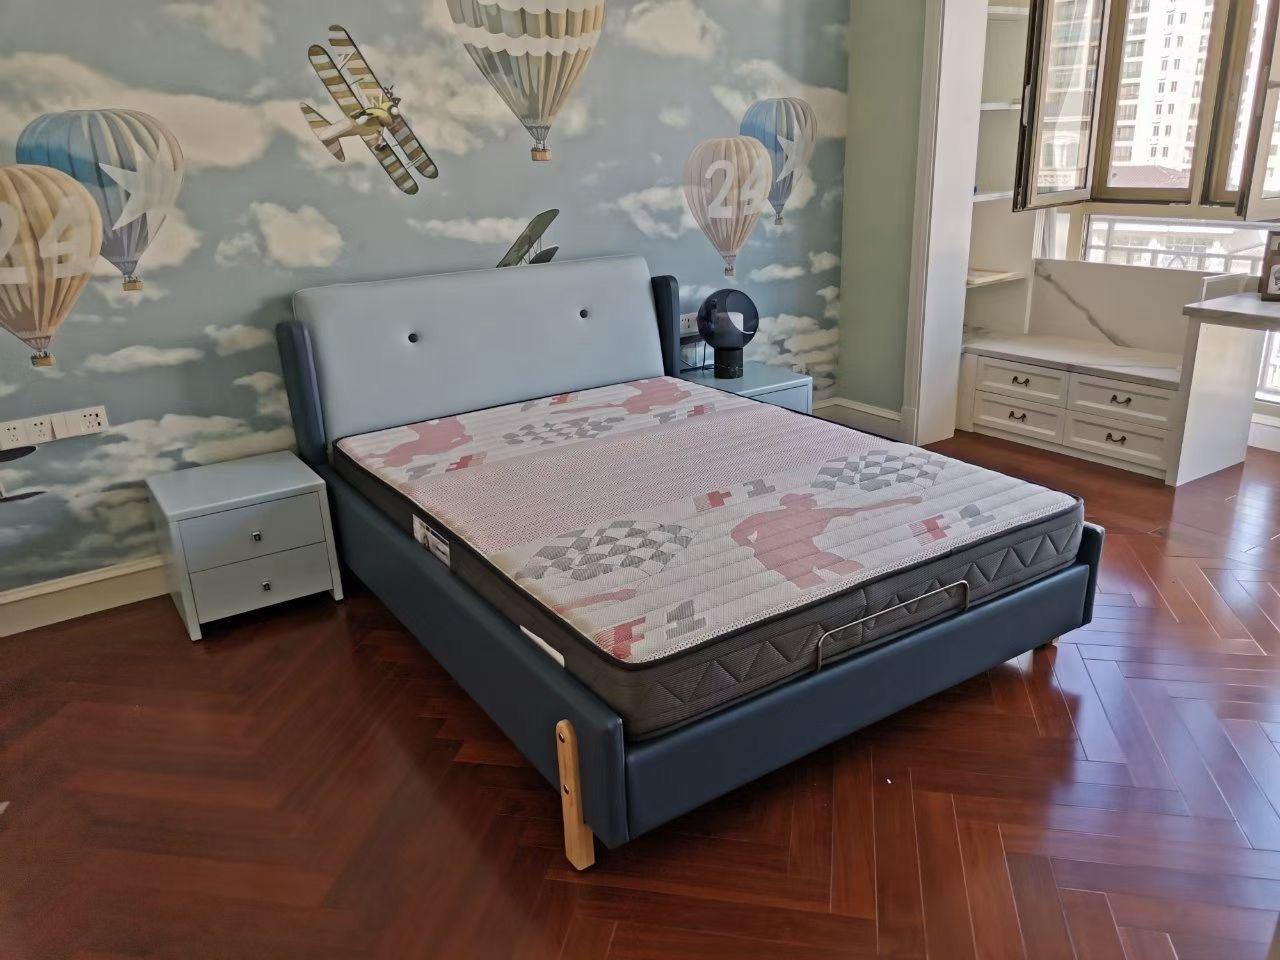 益卡思儿童床垫-5 ekskids